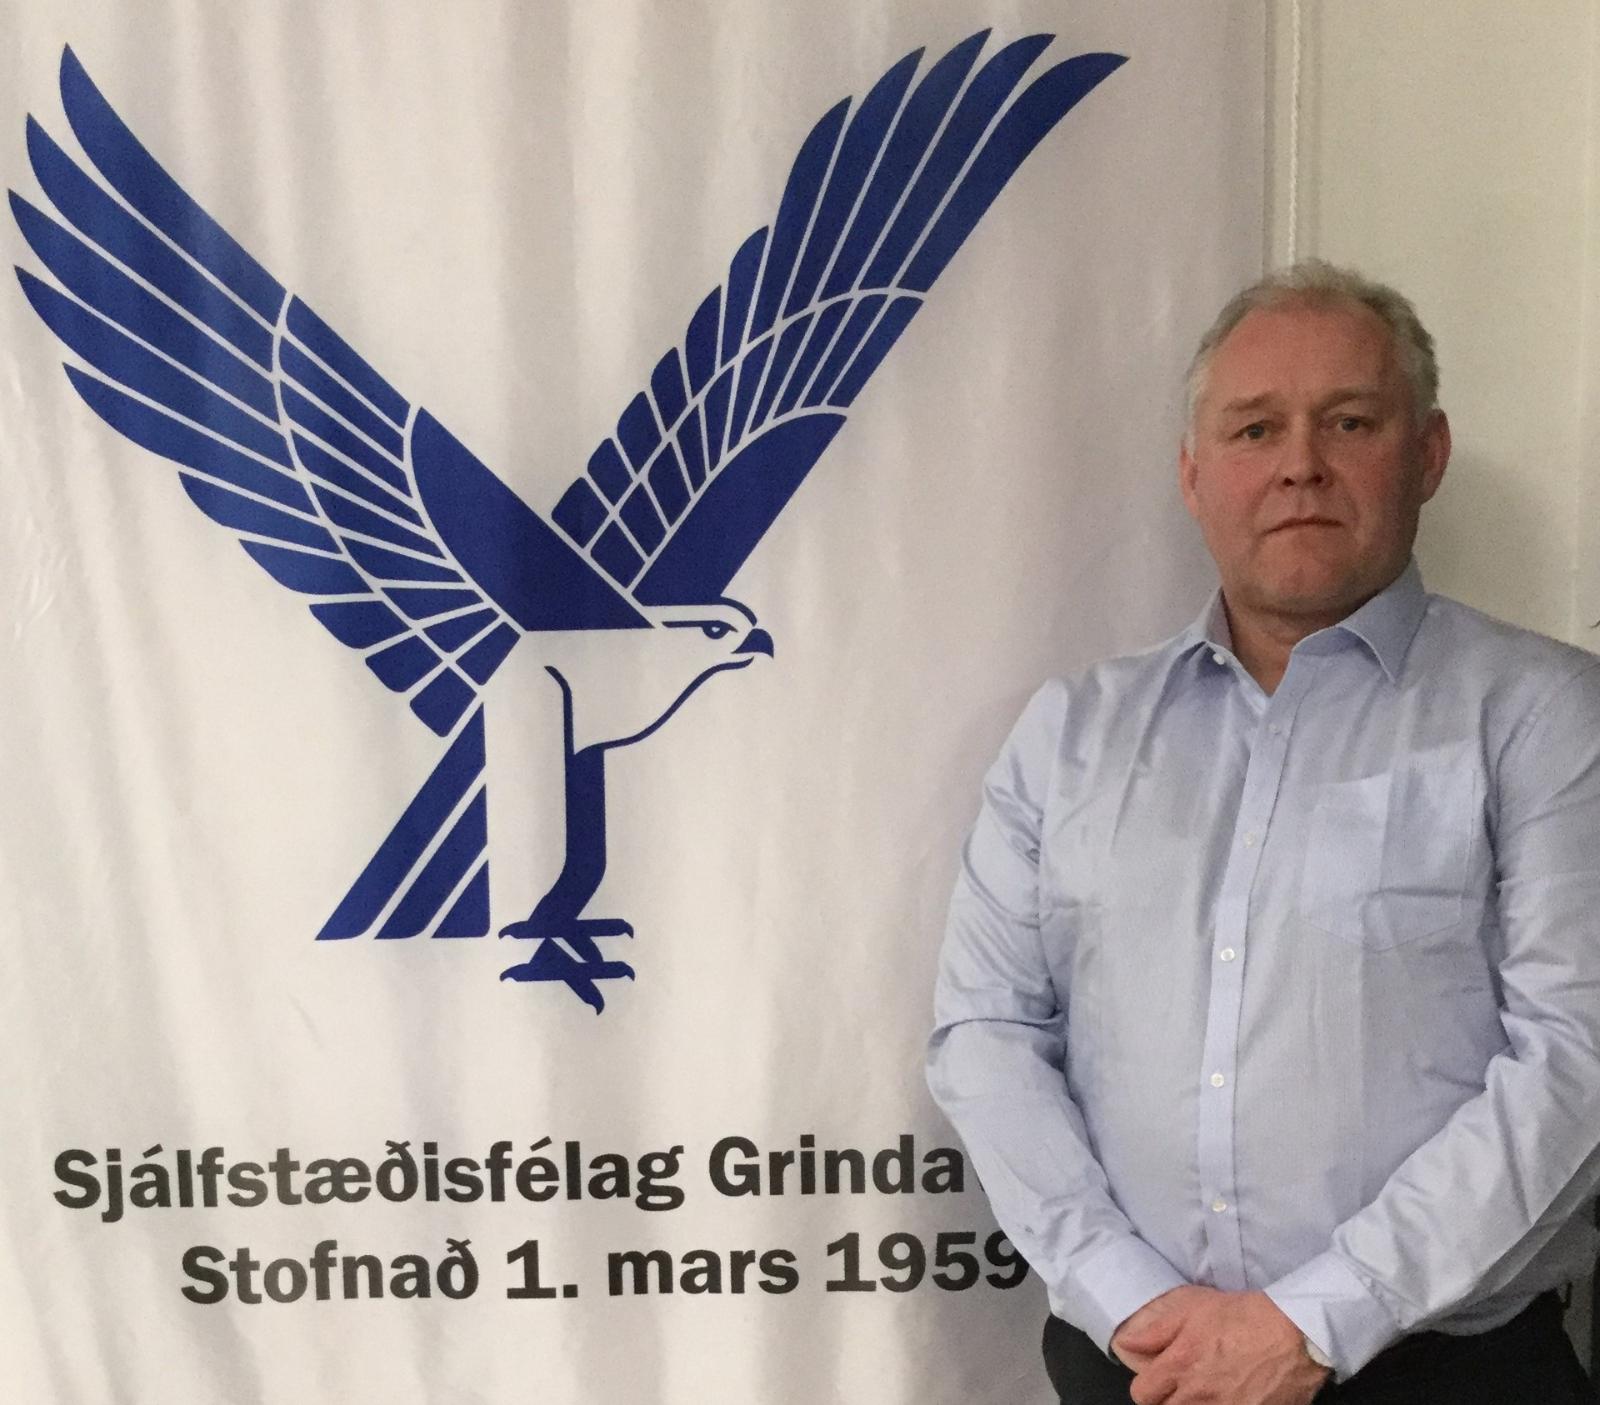 Sjálfstæðisfélag Grindavíkur 60 ára í dag og Hjálmar nýr formaður